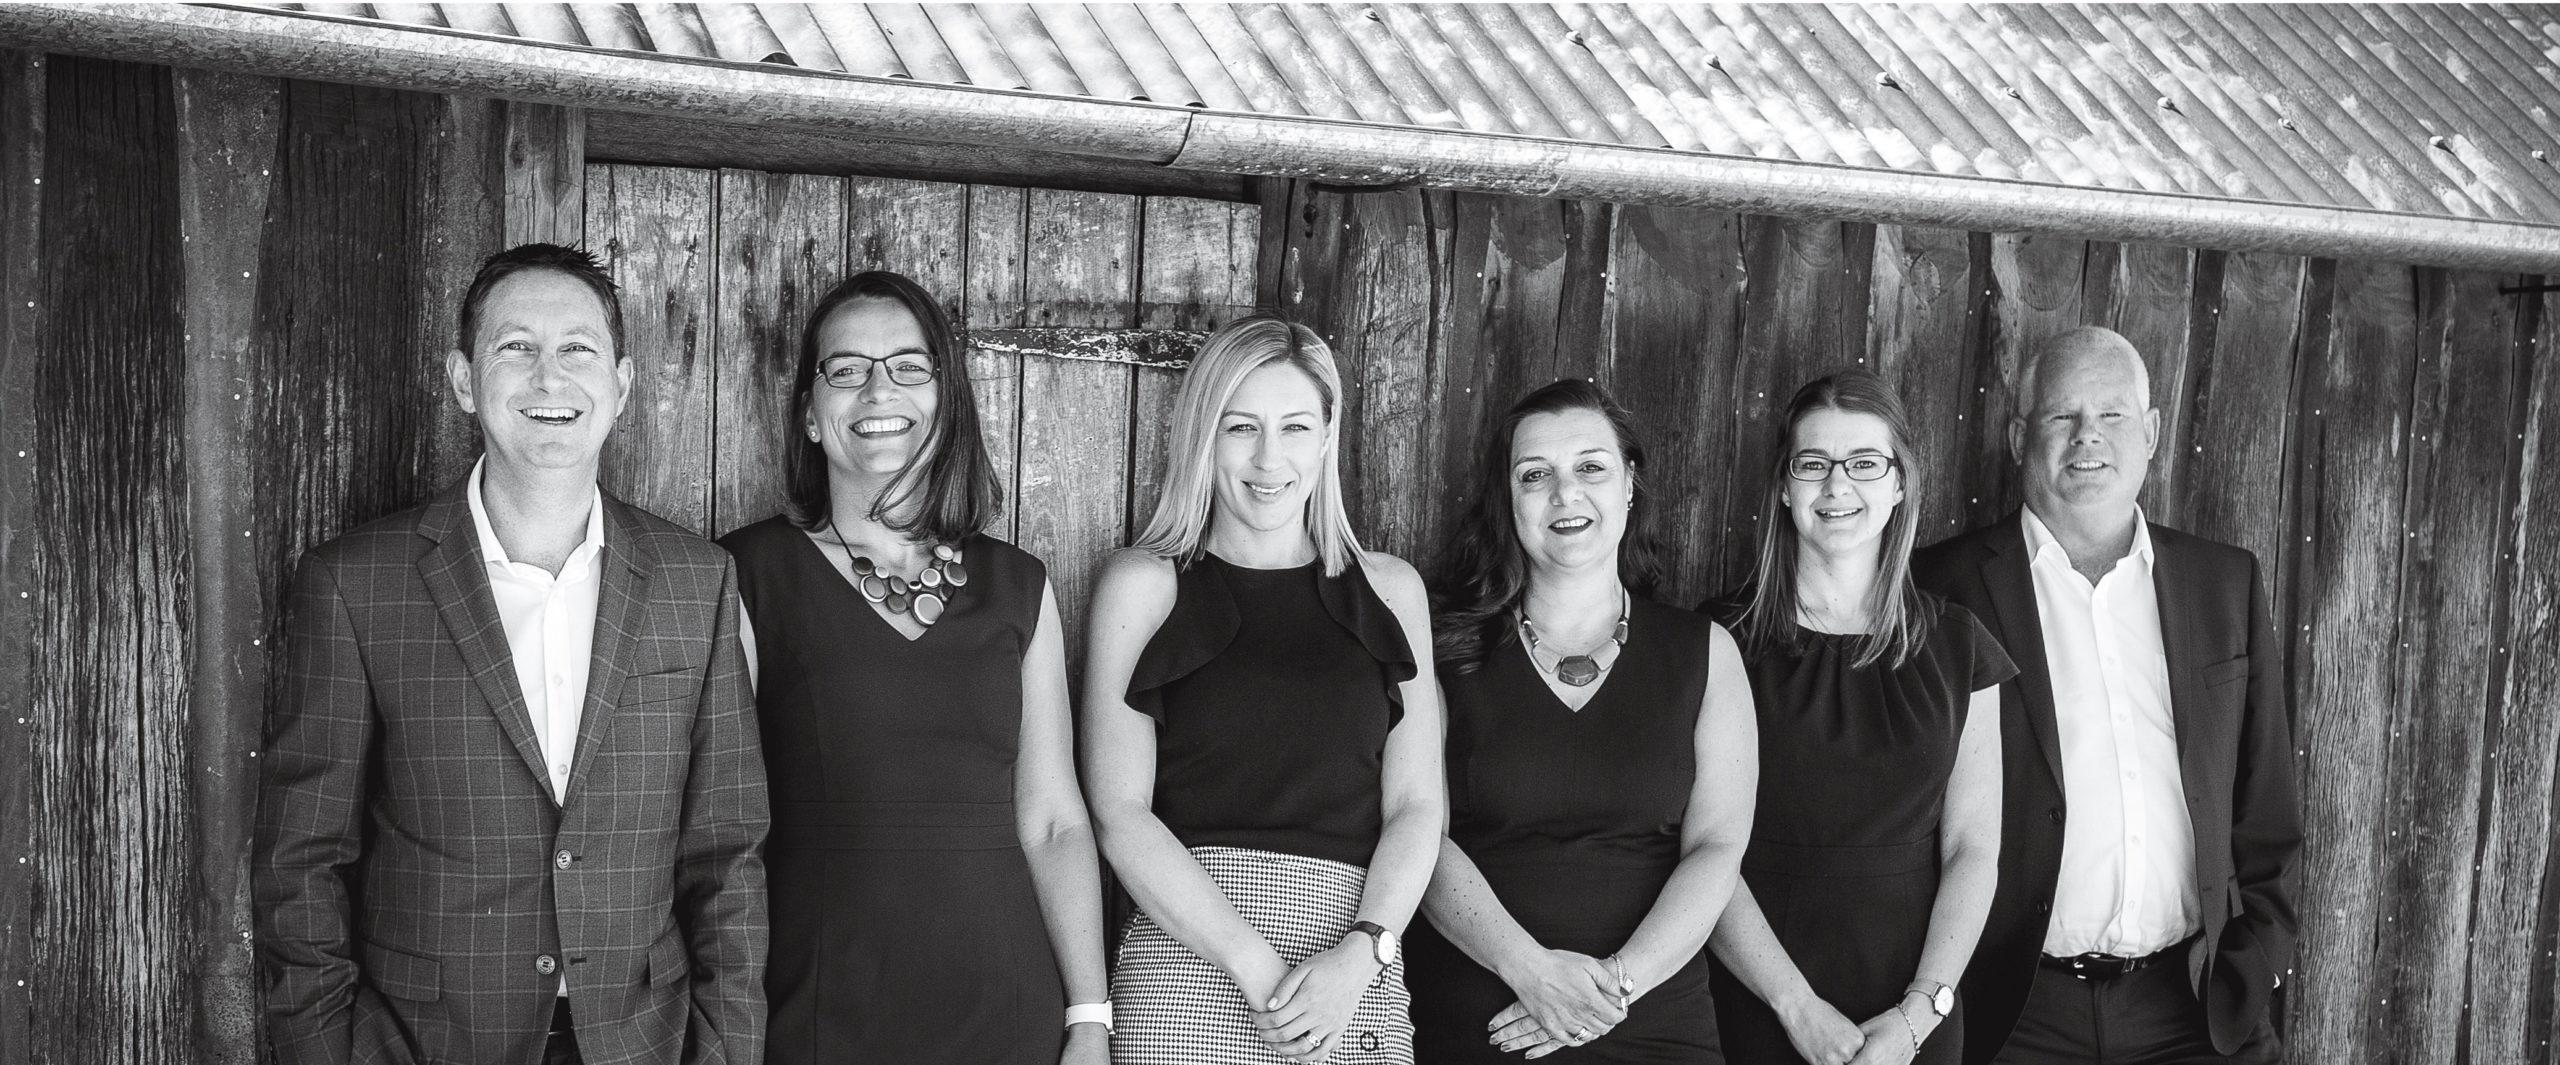 Team members of Hero Real Estate Business